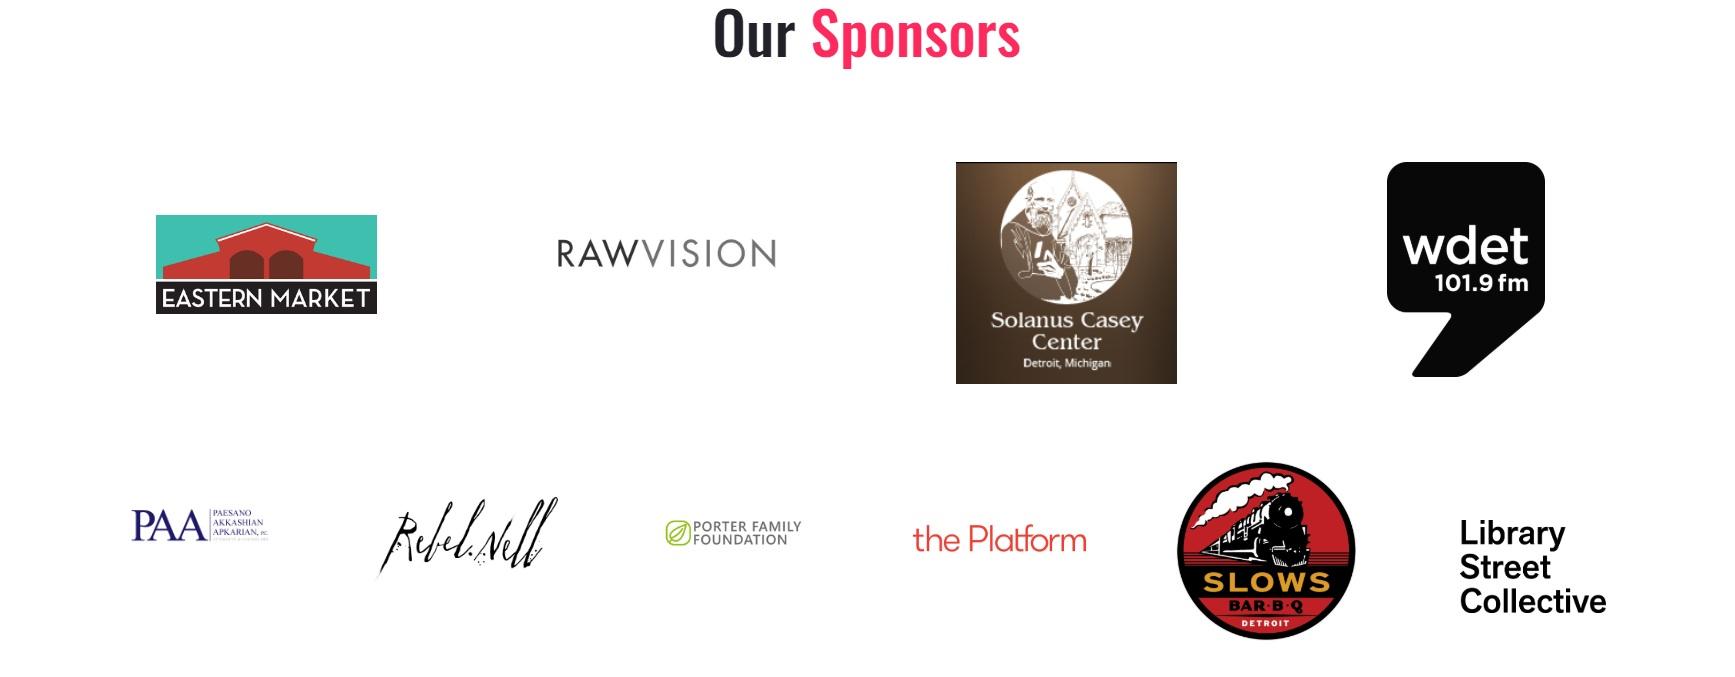 Our+Sponsors.jpg